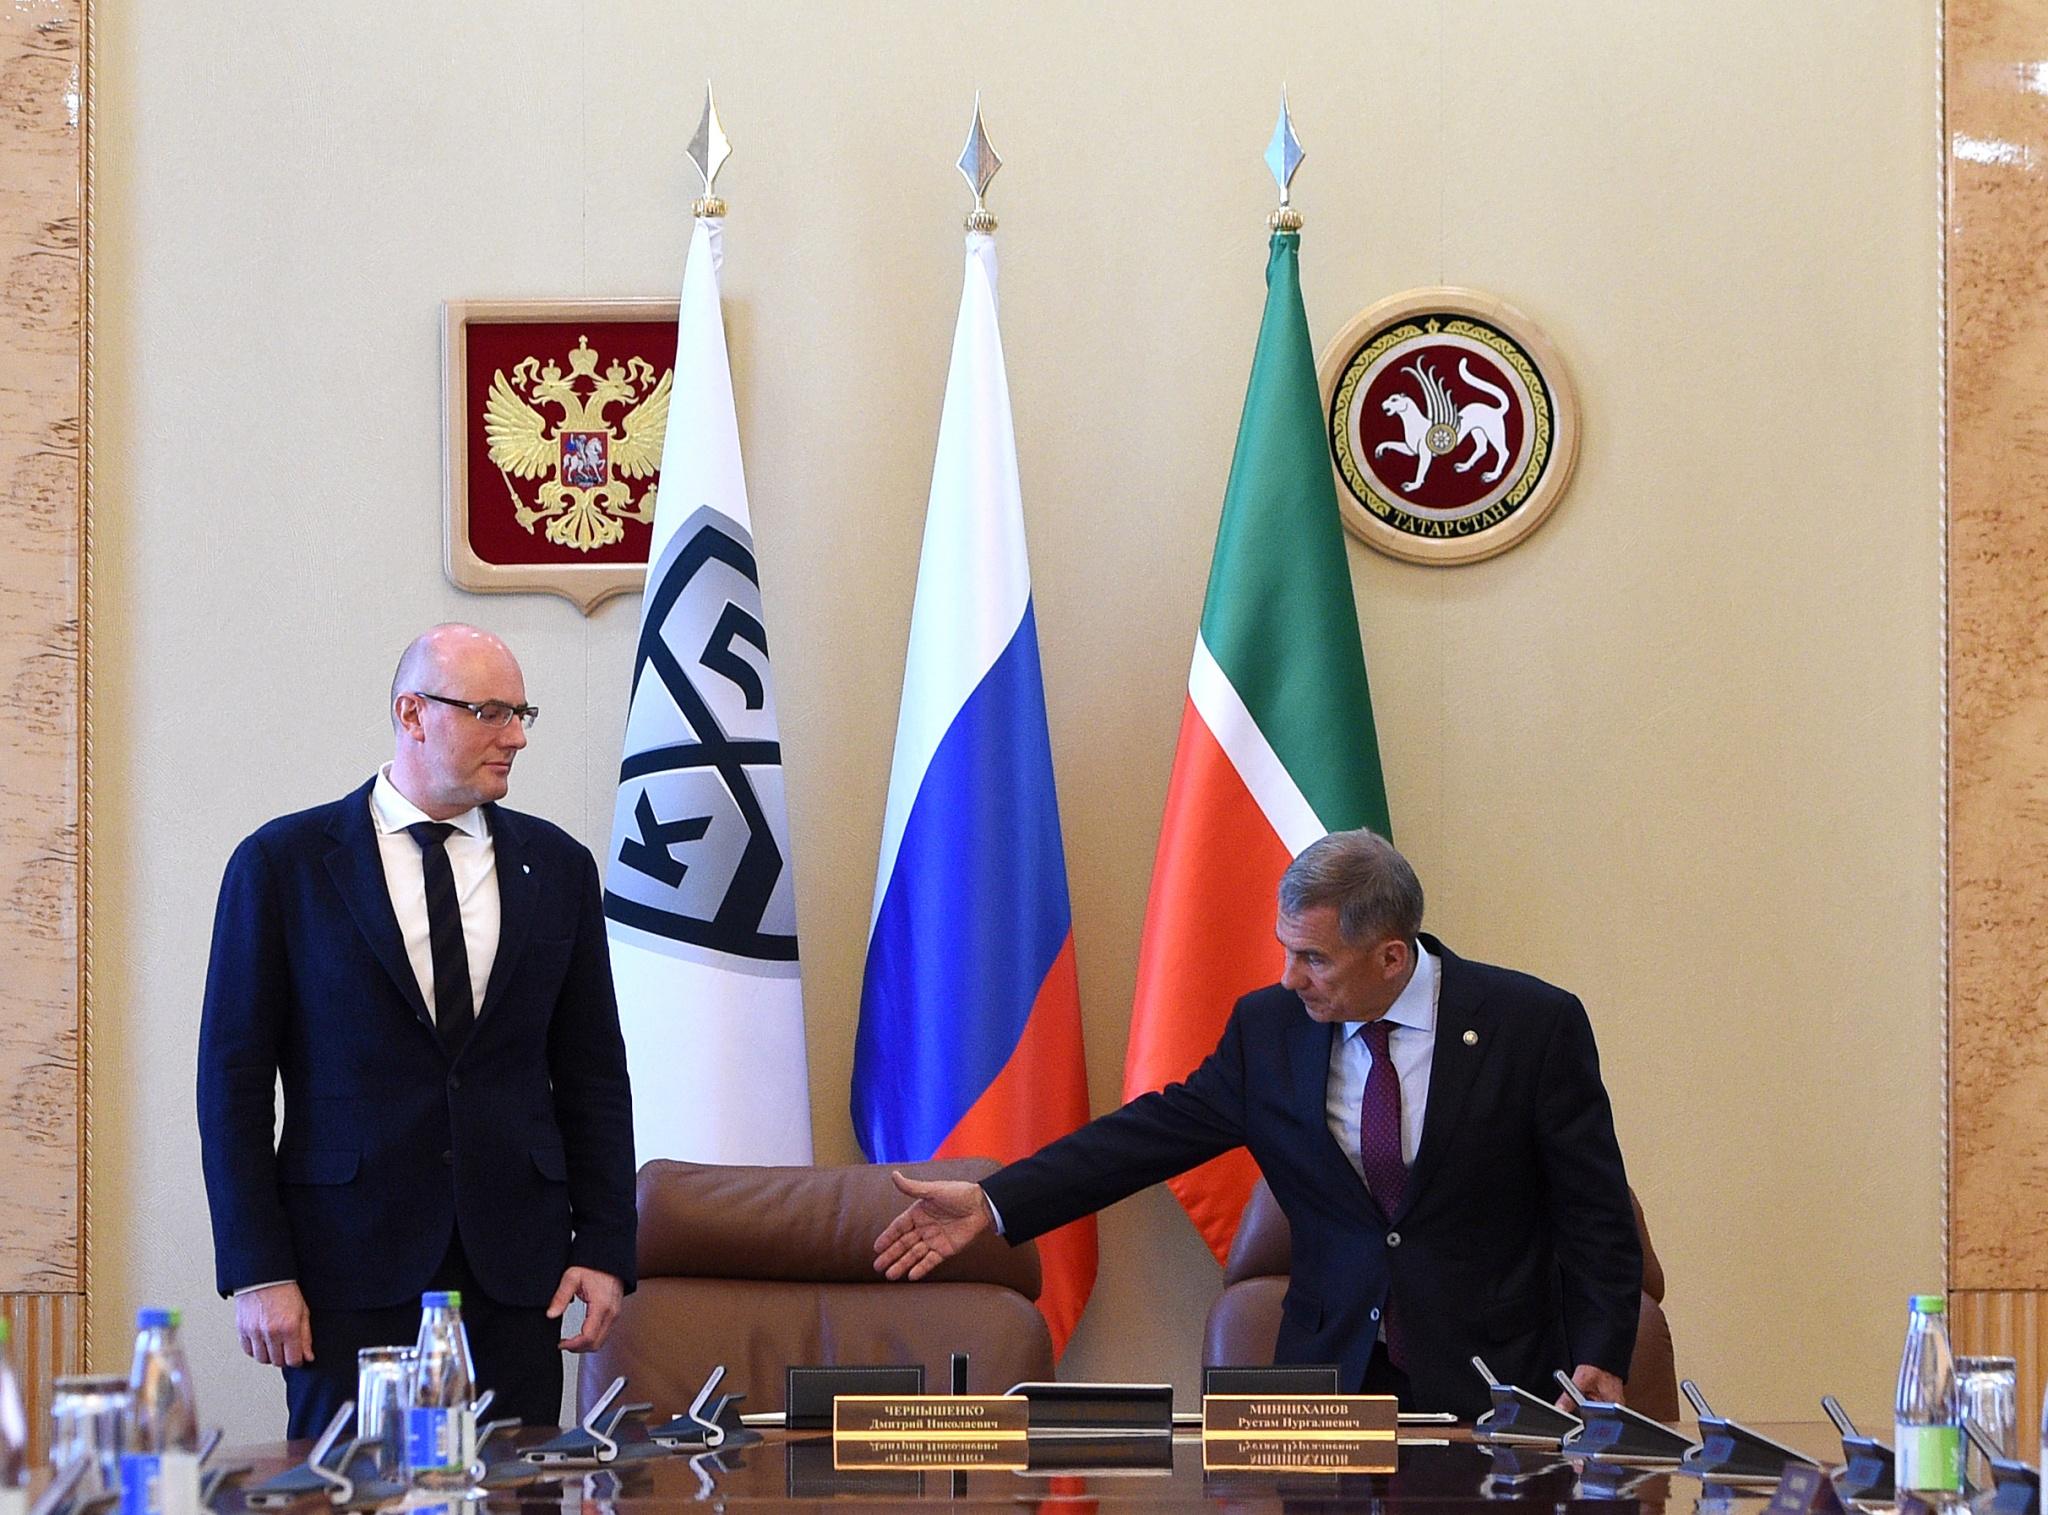 Руководитель КХЛ ипрезидент Татарстана подписали соглашение опроведении Недели звезд хоккея